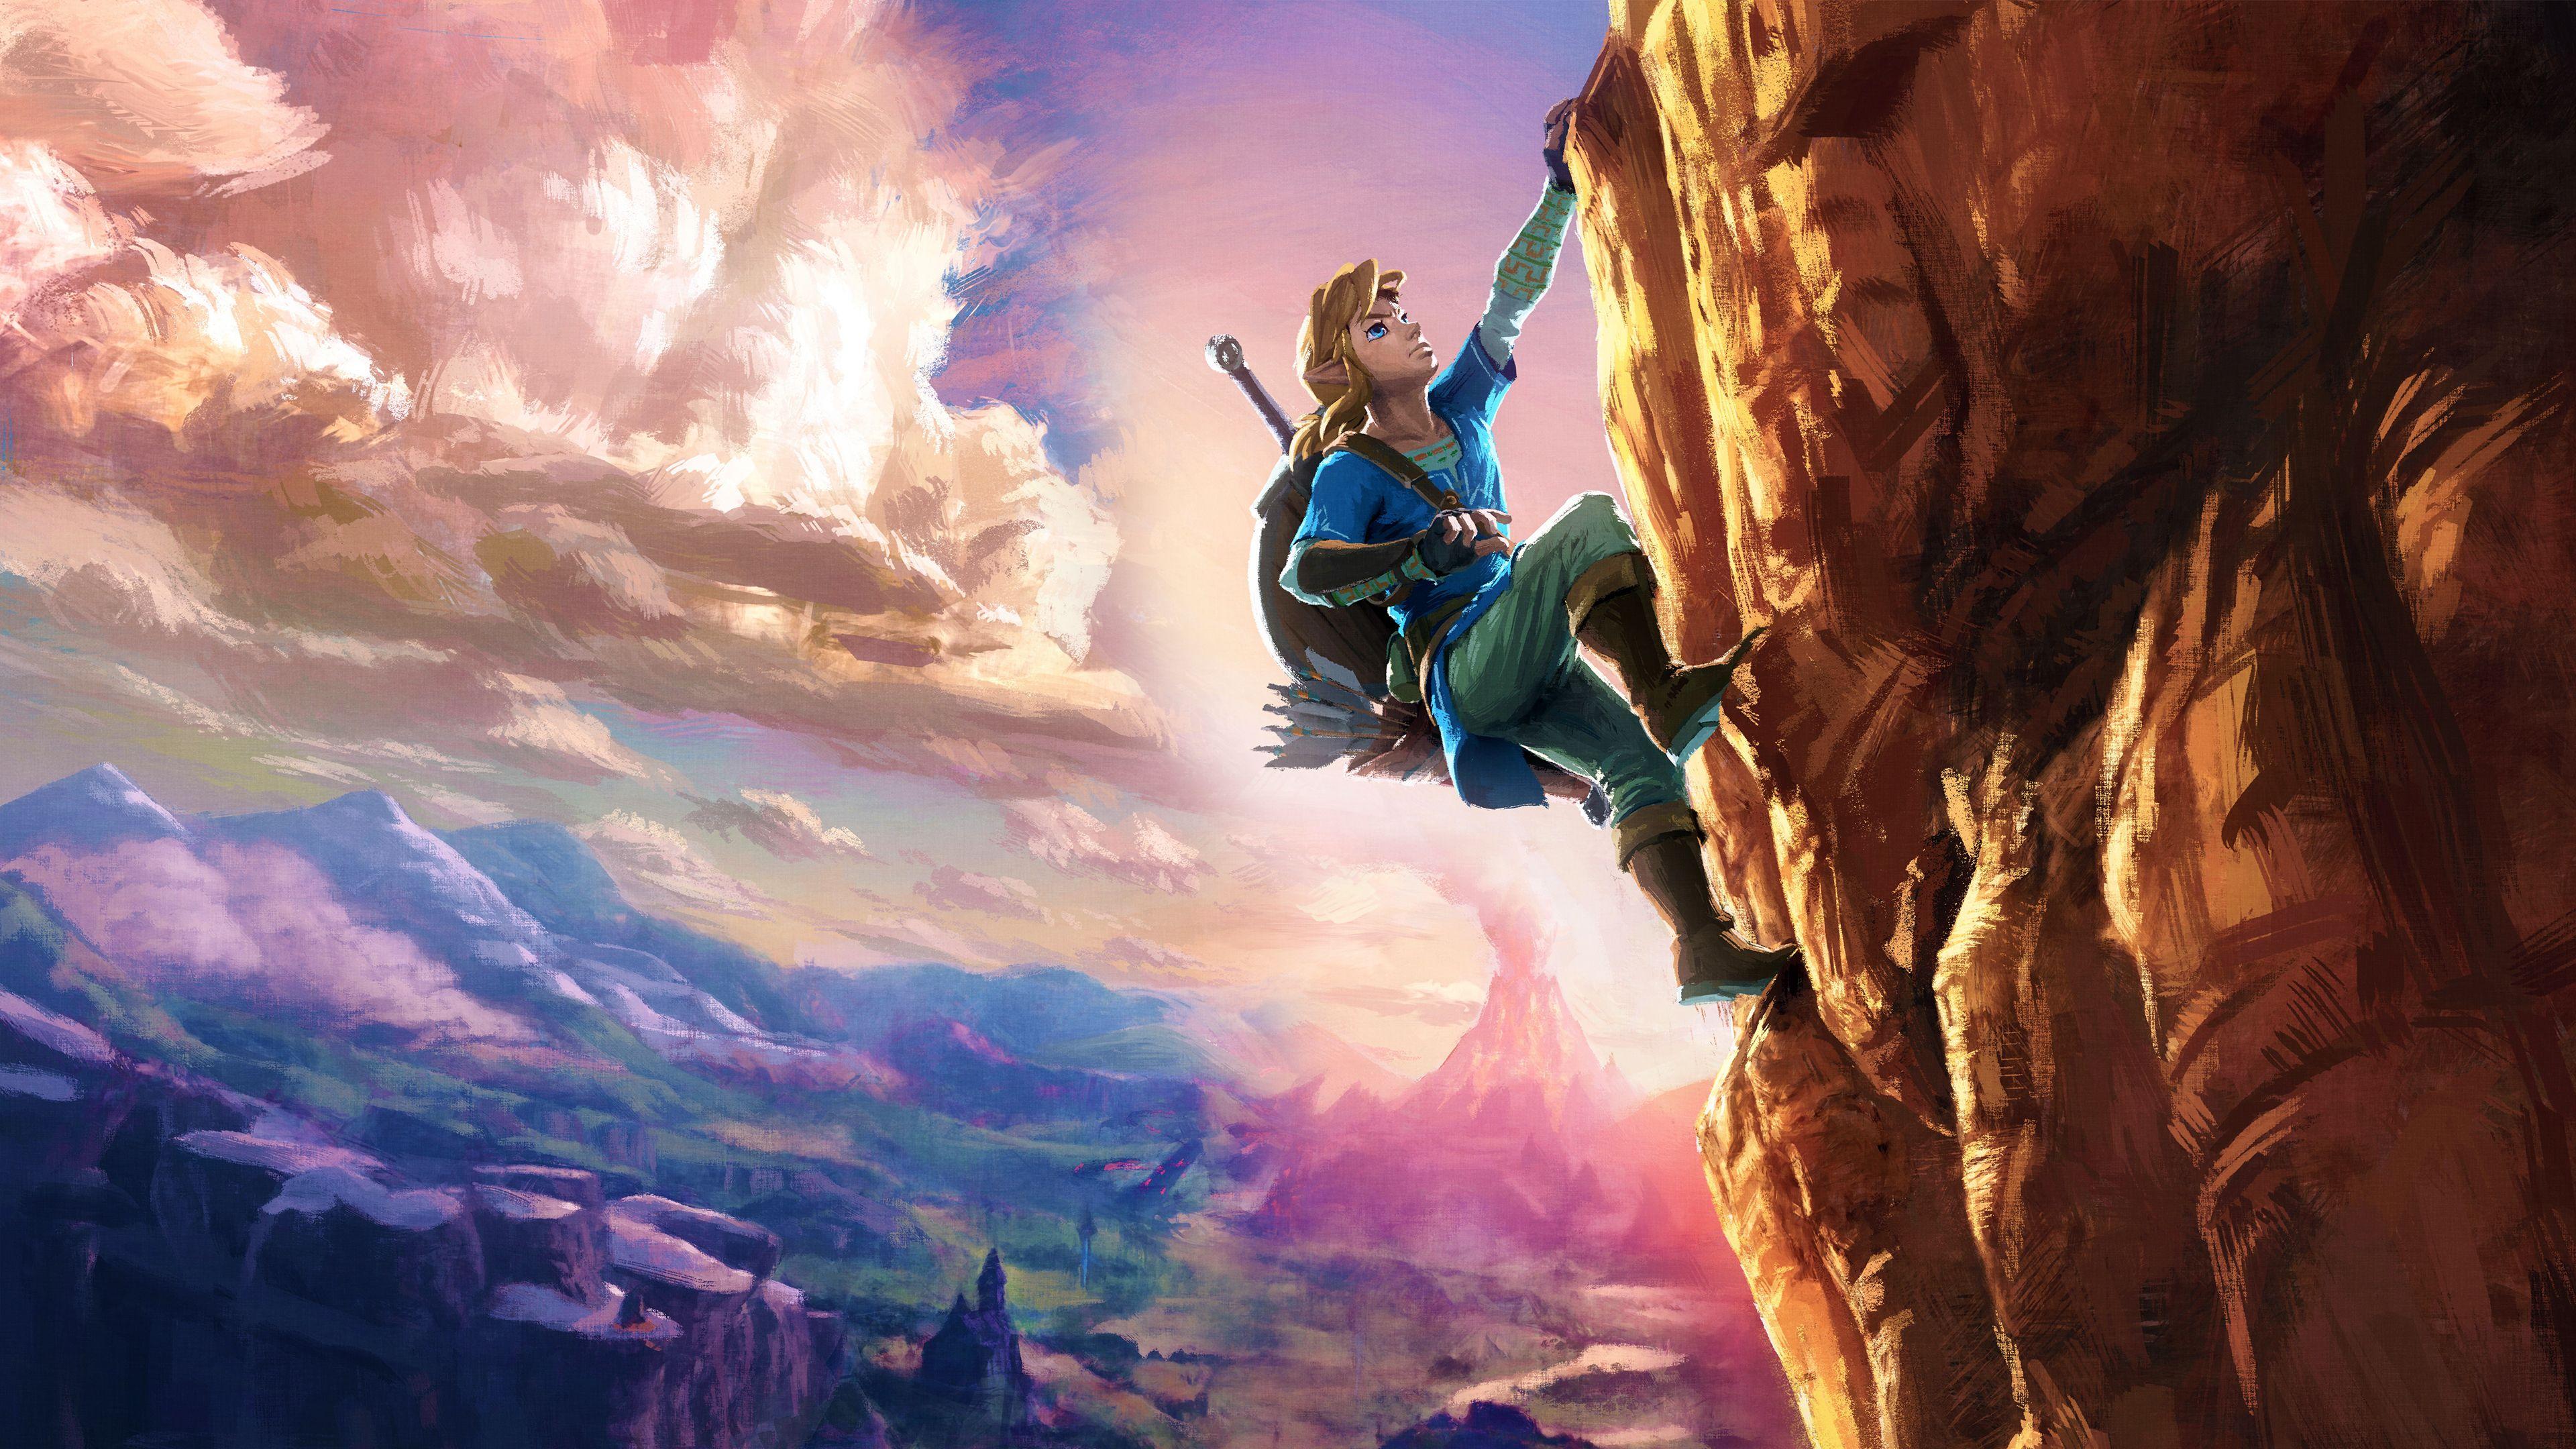 Эксклюзивы Nintendo стали дороже - Zelda: BotW теперь стоит 6299 рублей, а Animal Crossing 5399 рублей [обновлено] 3